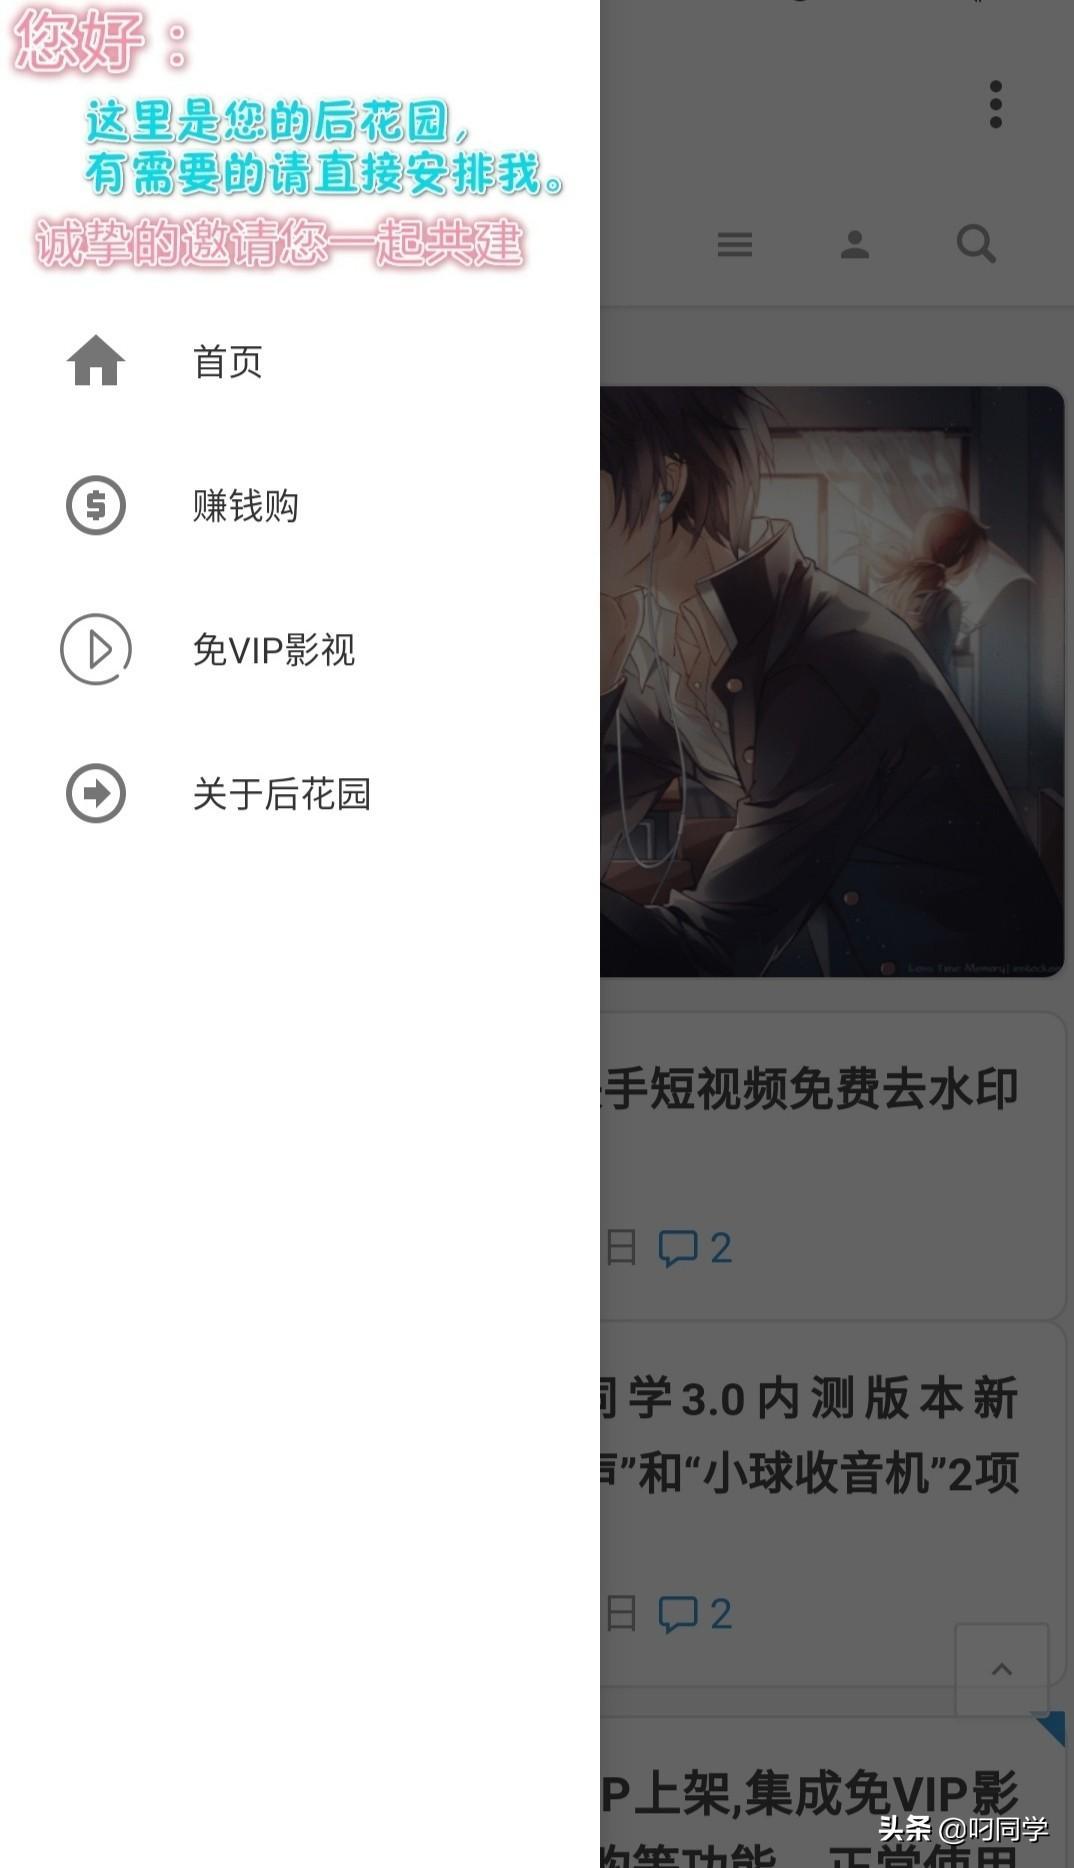 后花园app:0.5版本,重大更新,集成免VIP影视,在线音乐,赚钱购